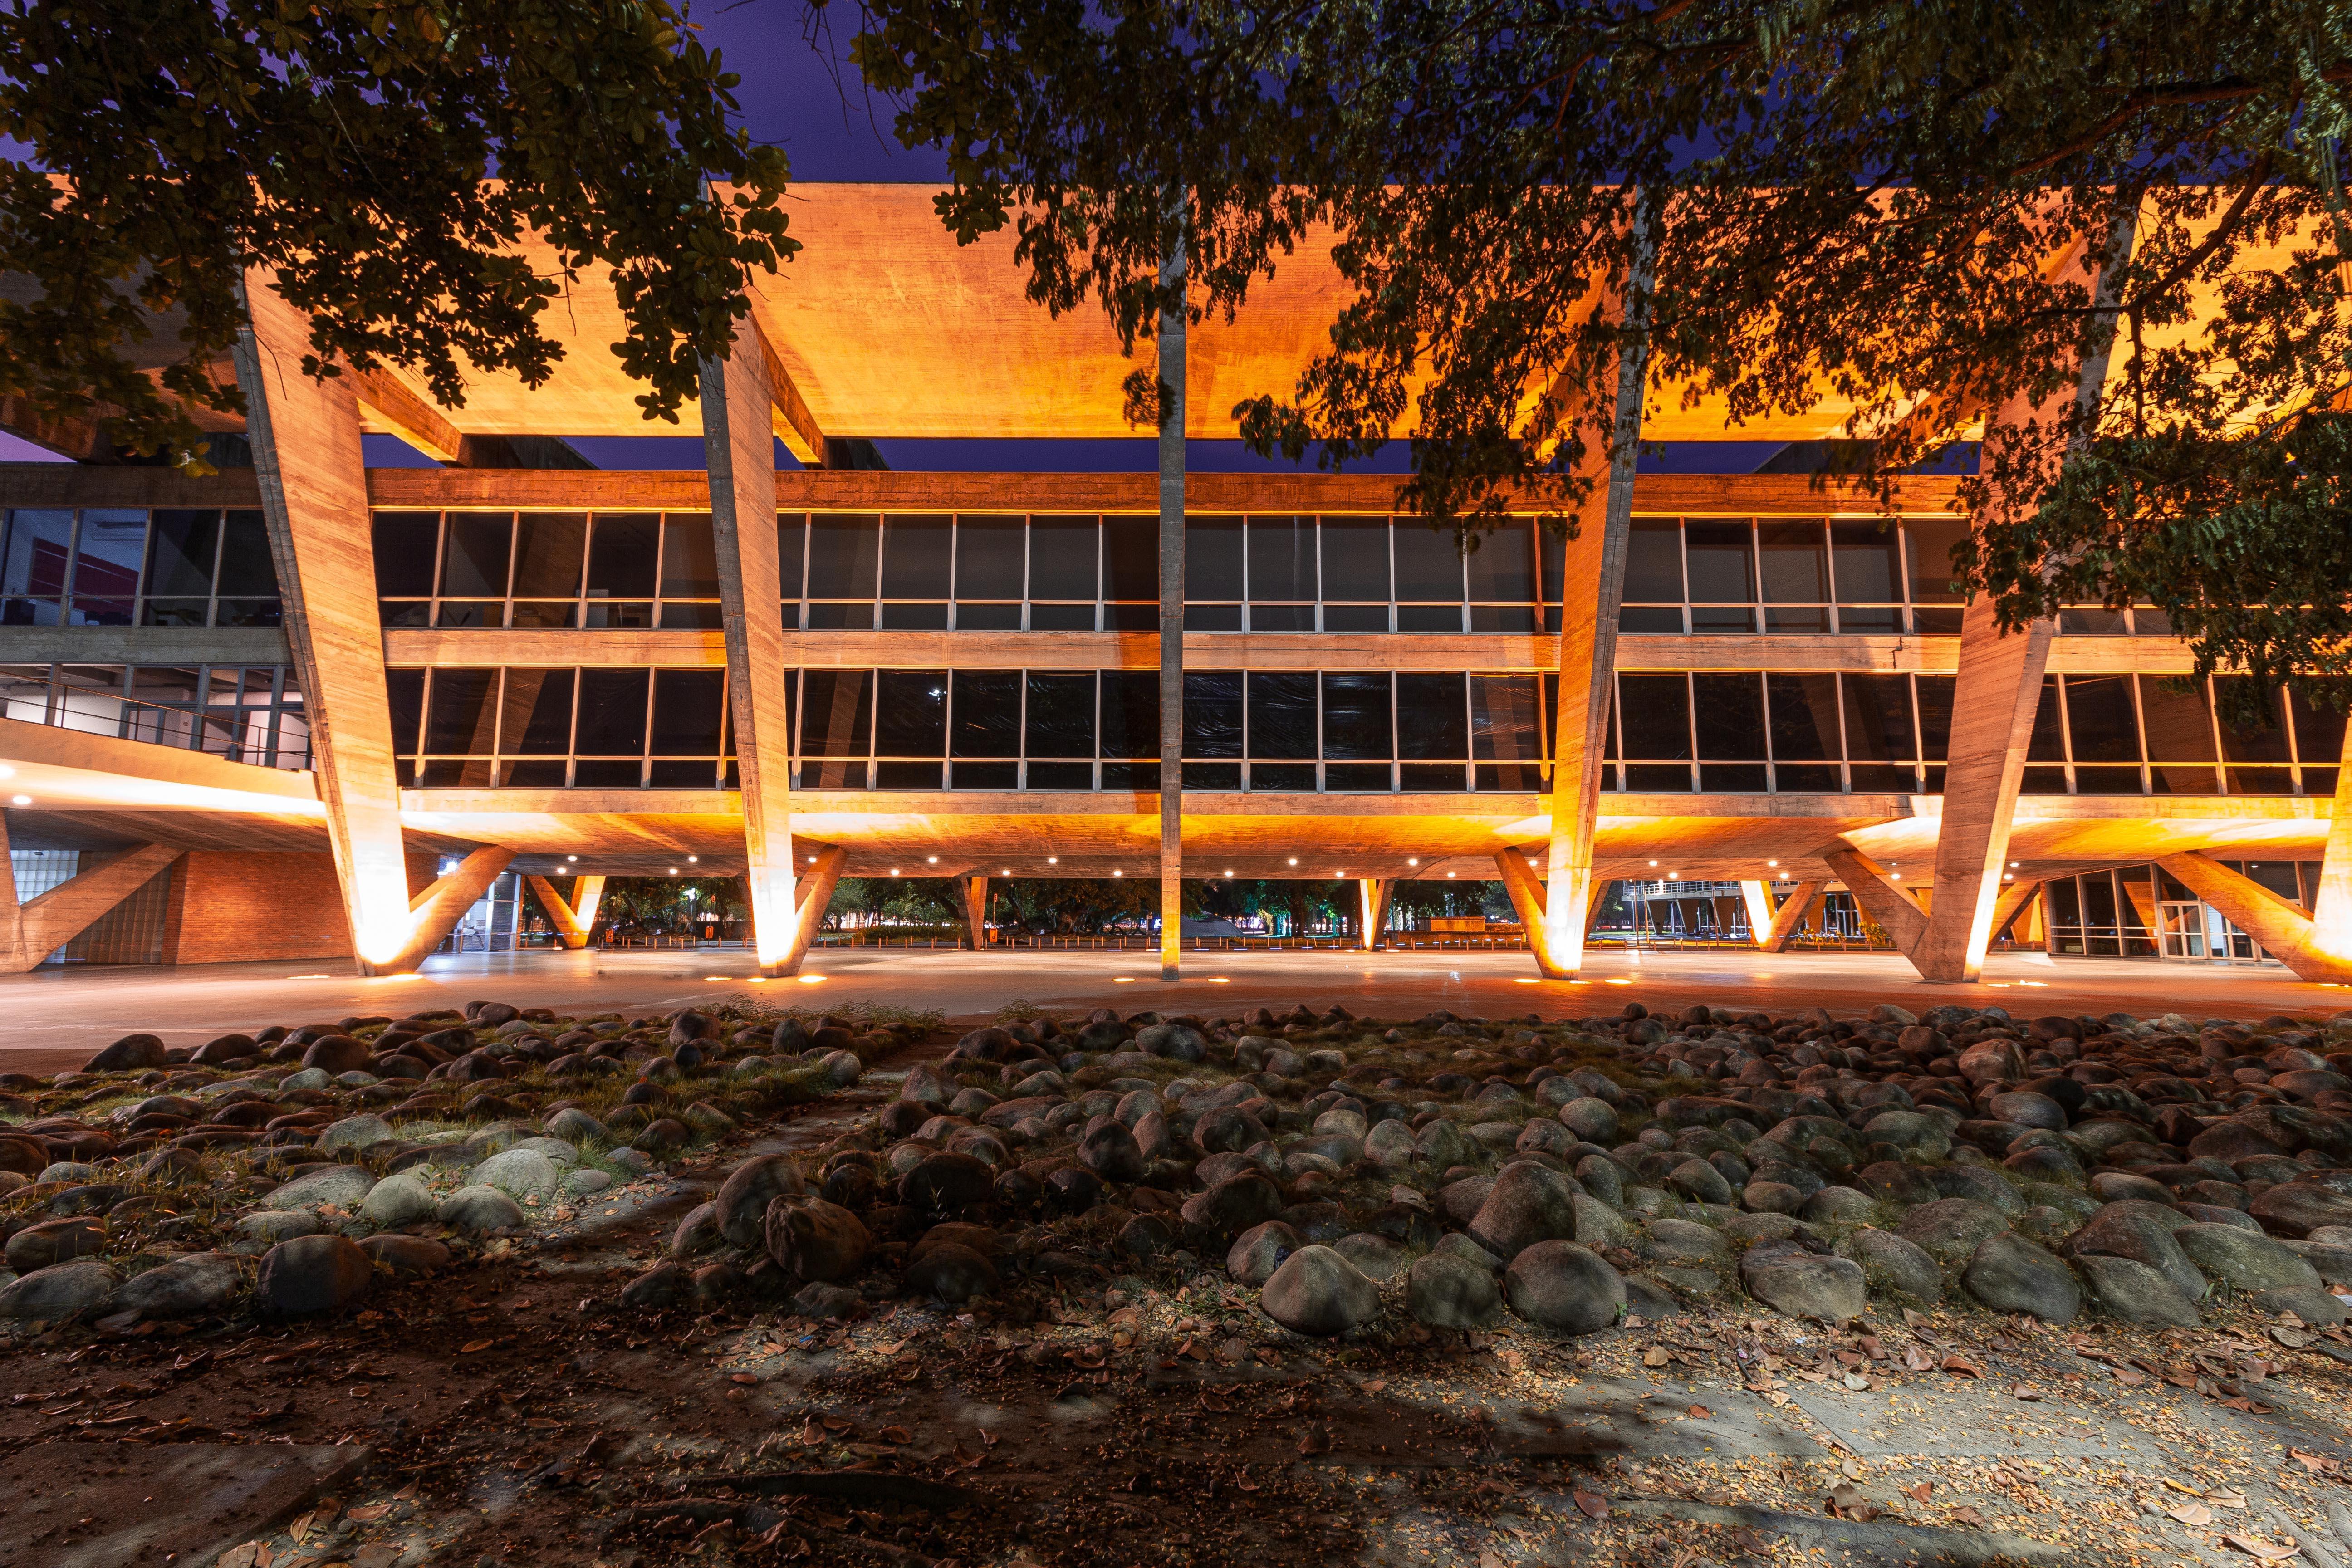 fachada do MAM Rio, à noite, bem iluminada